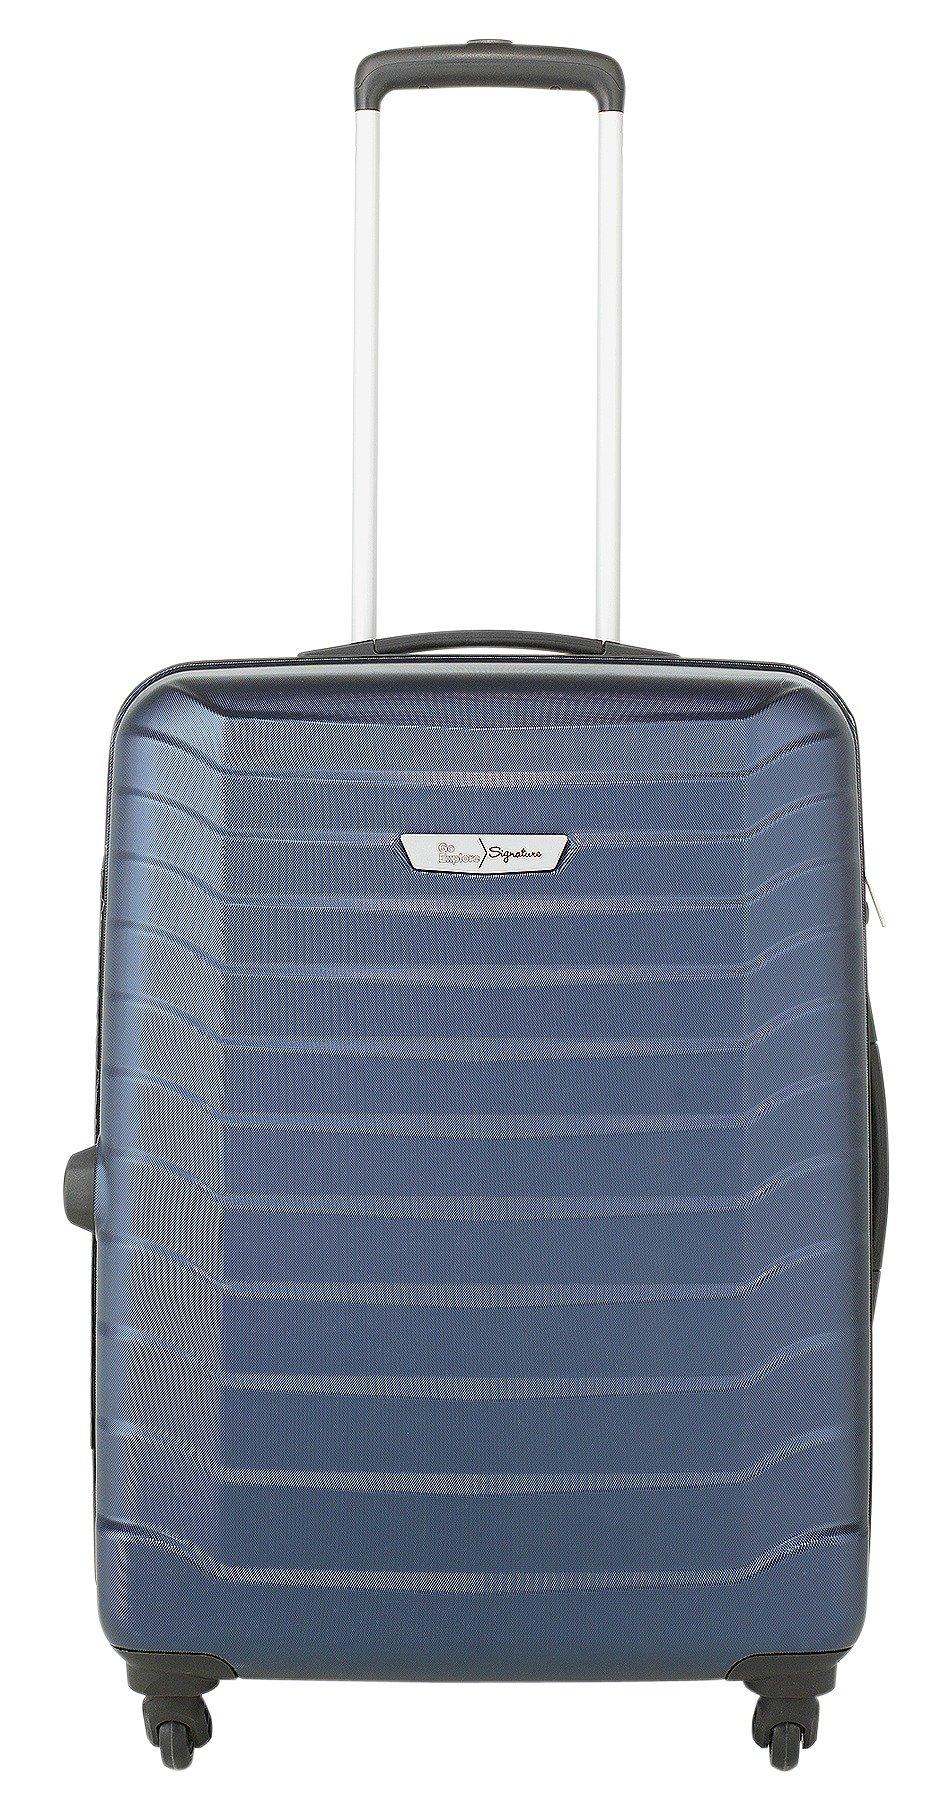 Buy Go Explore Signature Hard Medium 4 Wheel Suitcase at Argos.co ...